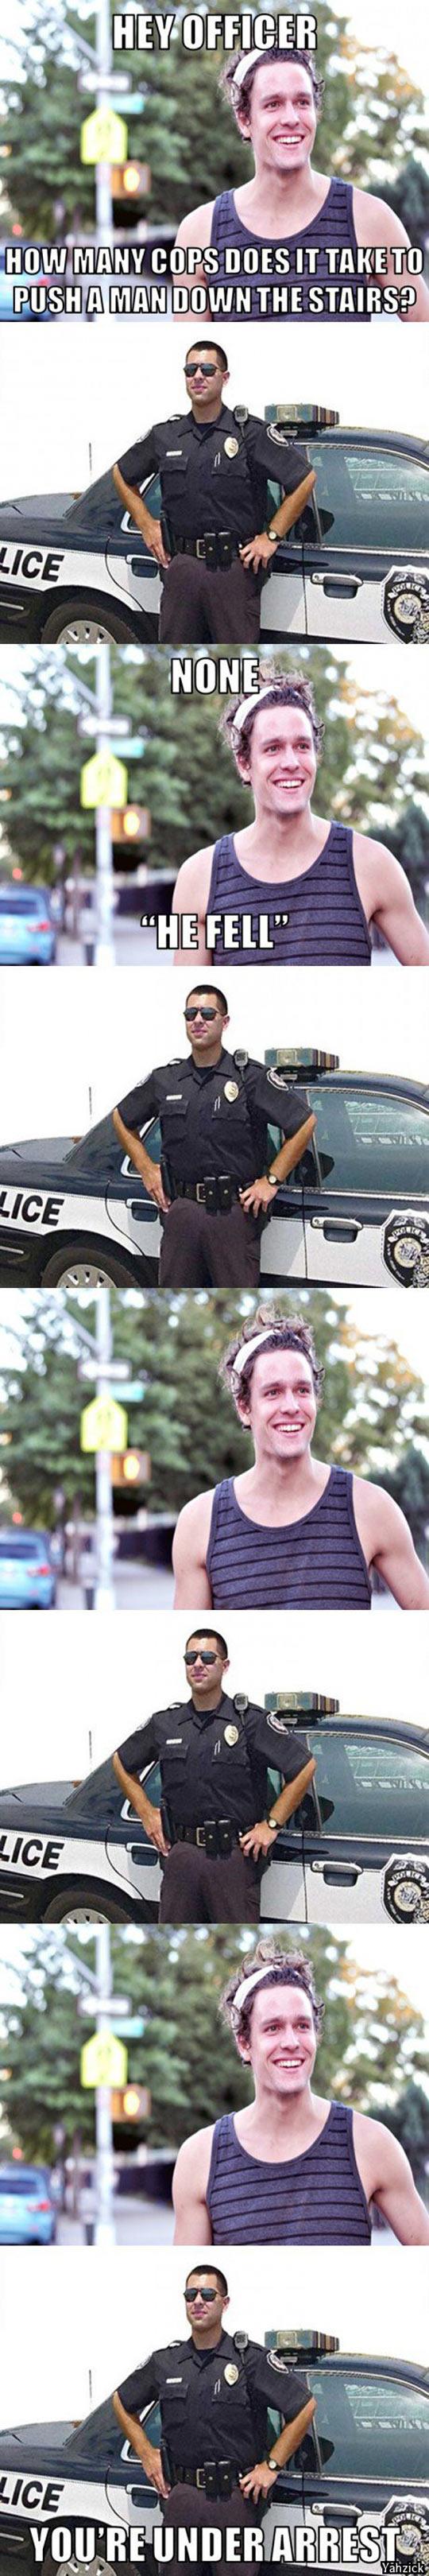 cool-officer-pun-joke-man-down-stairs